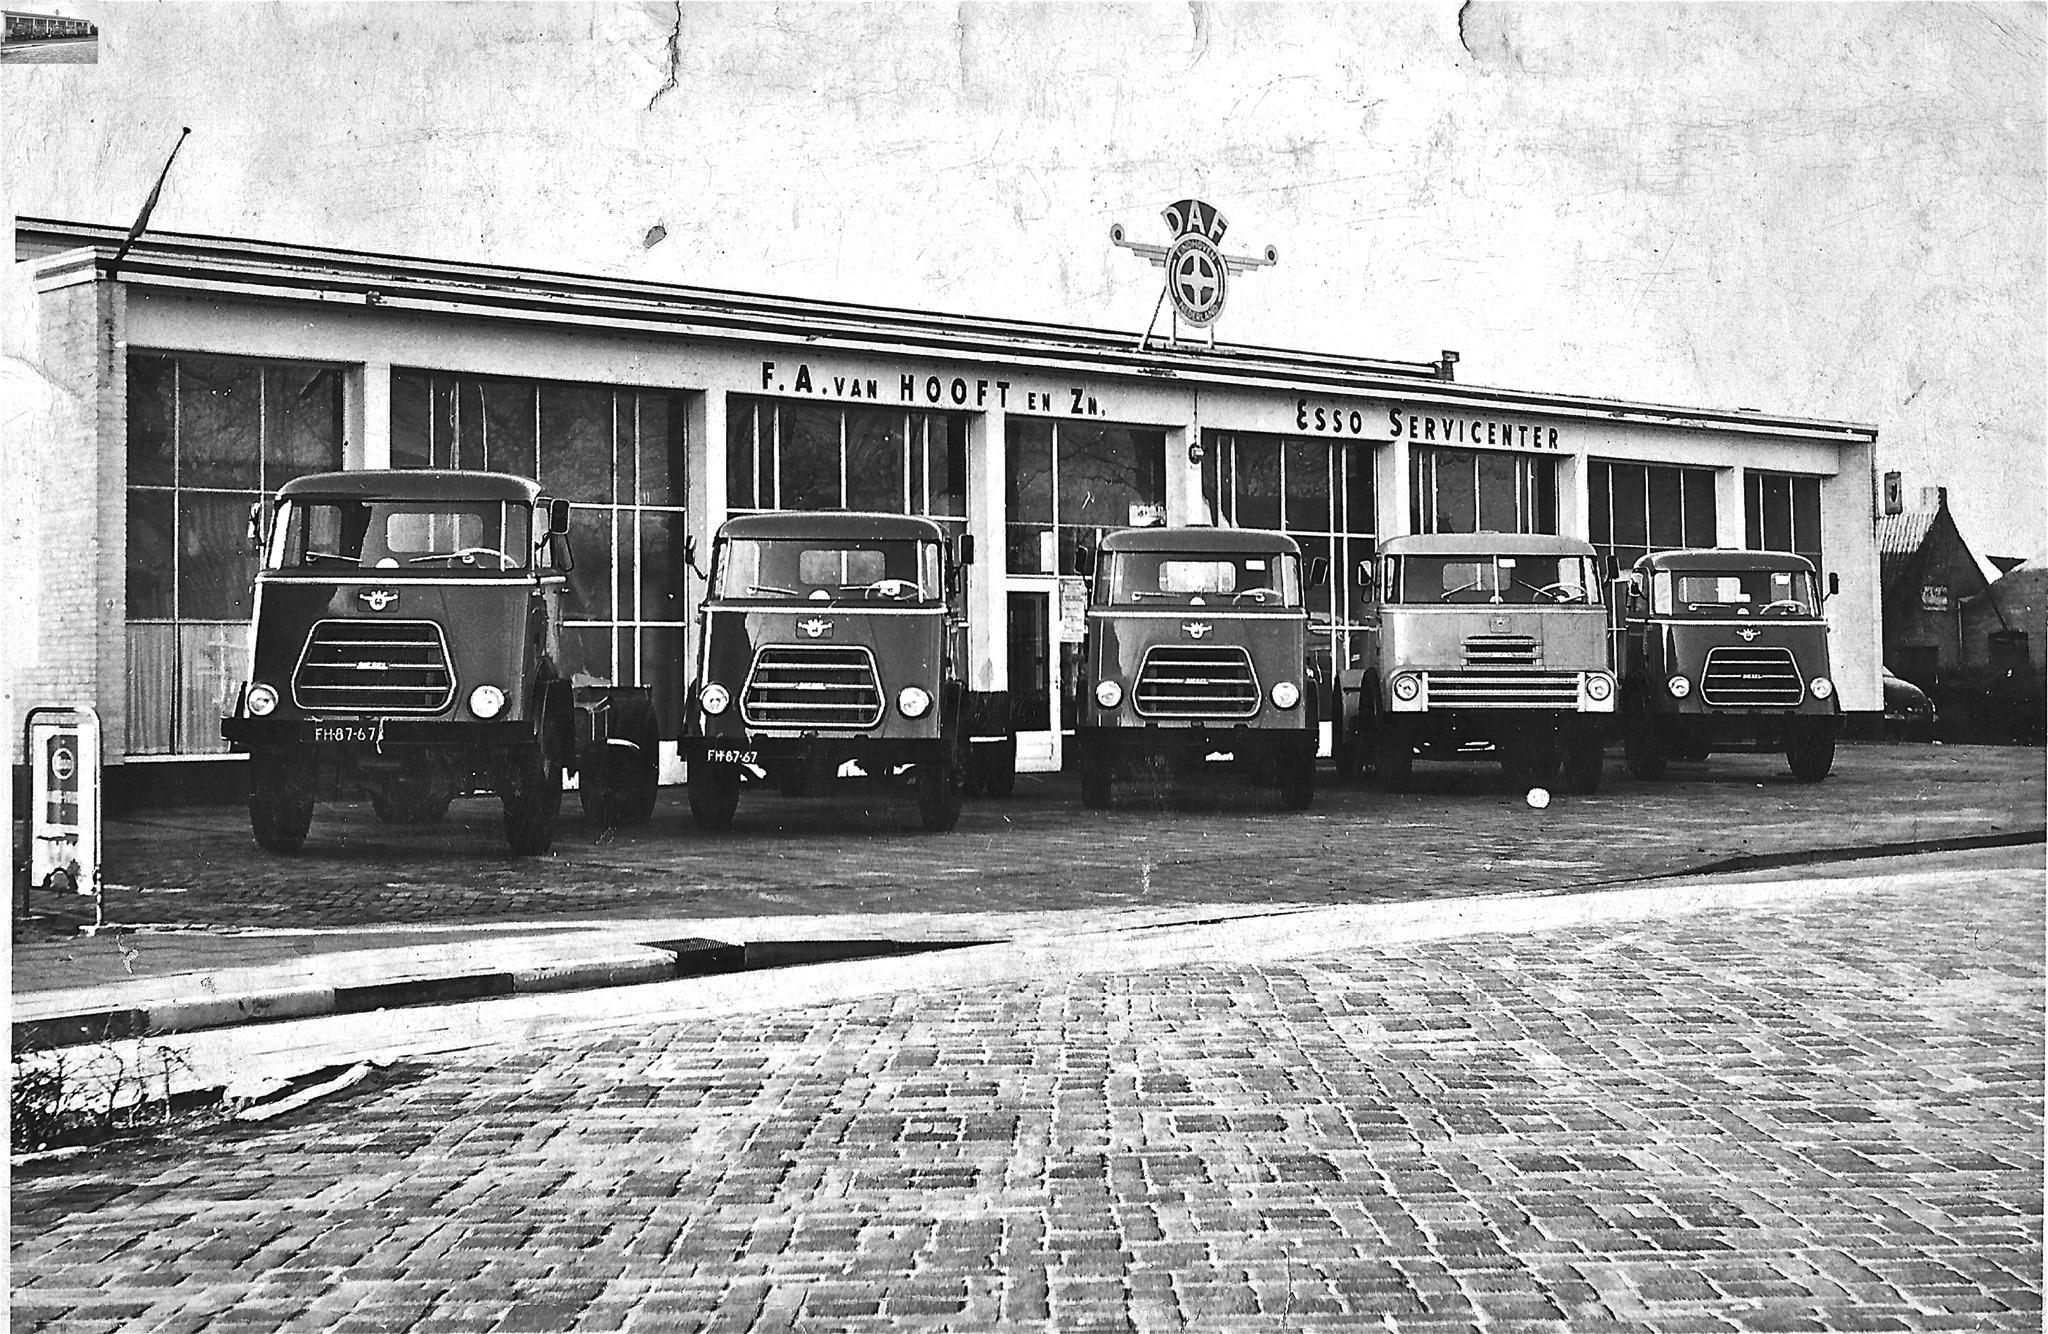 Daf-Dealer-Garage-van-Frans-van-Hooft-aan-de-Hoofdstraat-nr-7-Schijndel-1950--